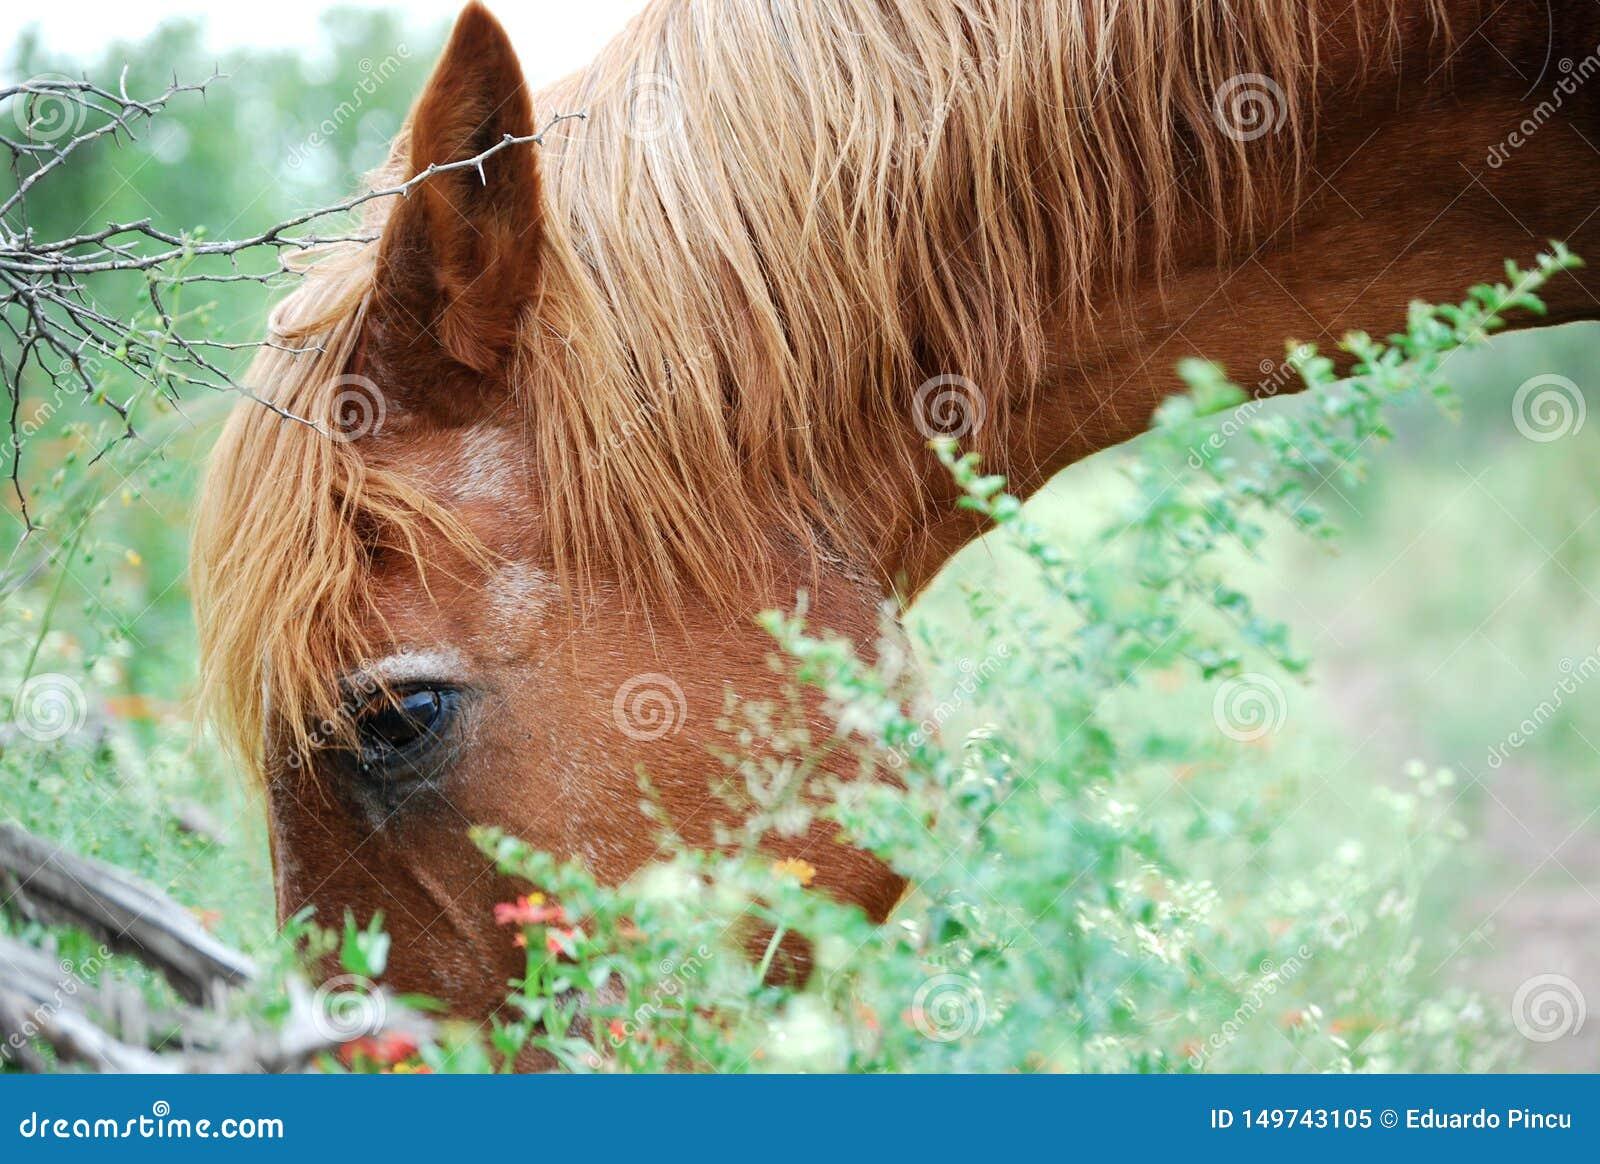 Лошадь Брауна есть в поле